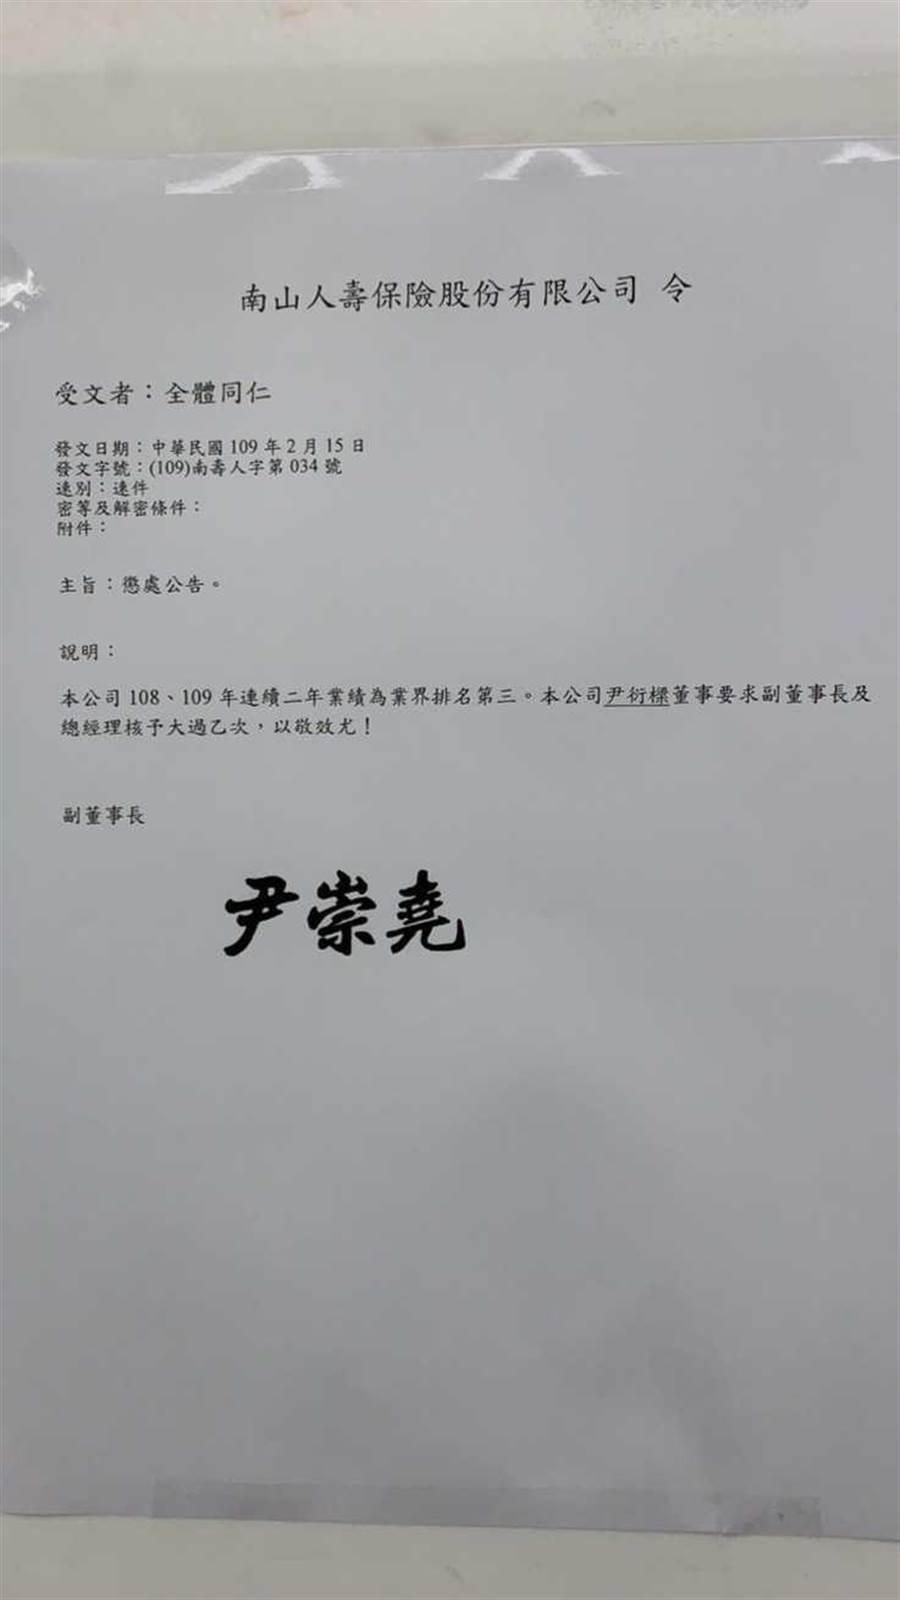 2020年2月,南山人壽副董事長尹崇堯因公告自己與總經理記大過,引發金管會介入調查,隨即在3天內撤銷處分。